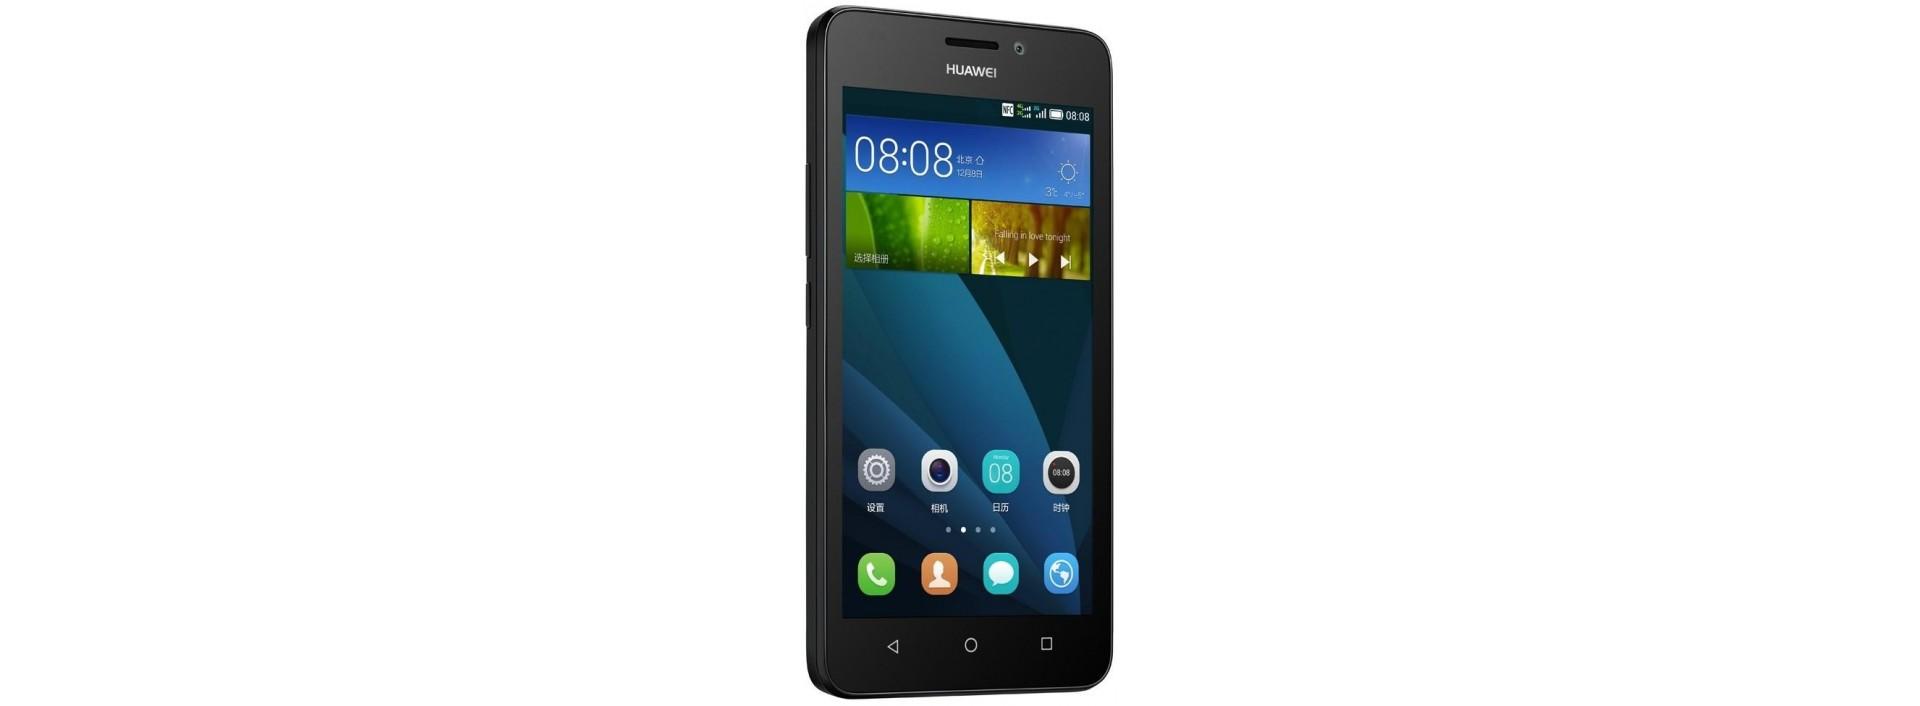 Fundas PERSONALIZADAS Huawei Y635, compra ya, Envío Gratis en TMS